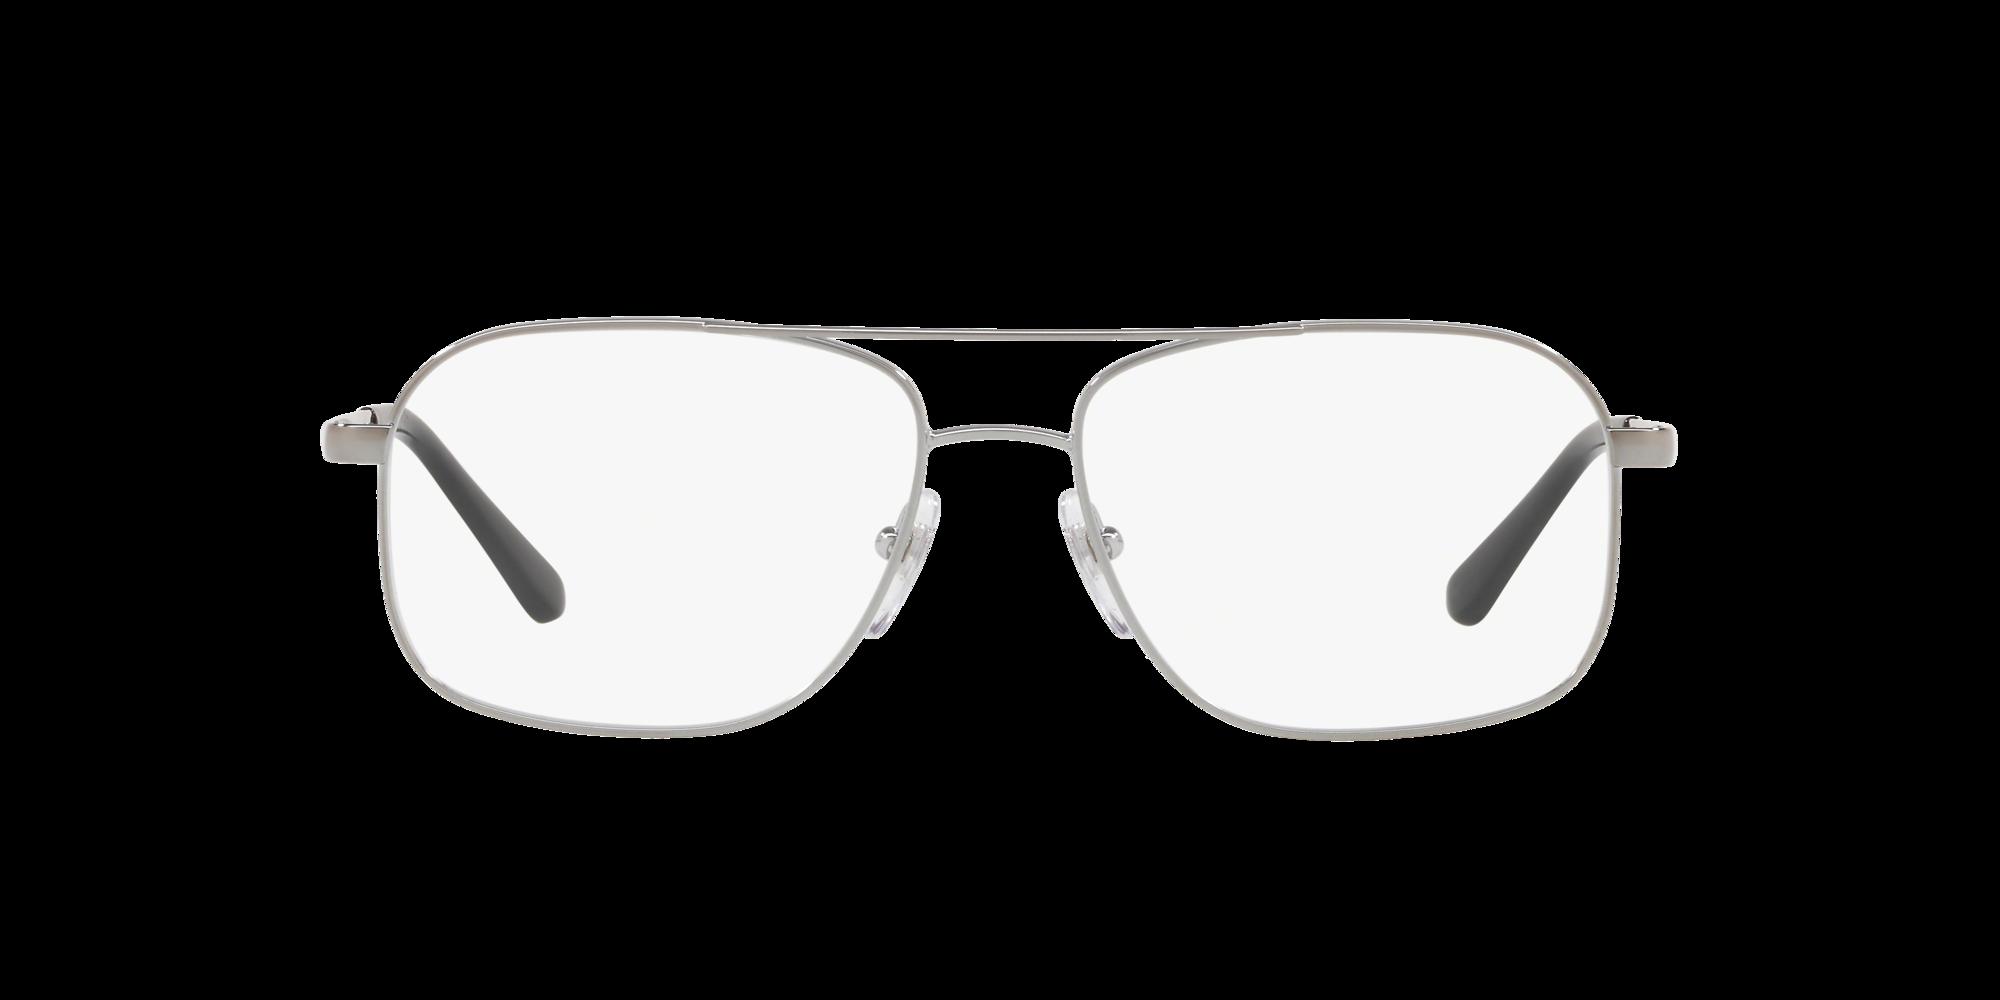 Imagen para SF2292 de LensCrafters |  Espejuelos, espejuelos graduados en línea, gafas